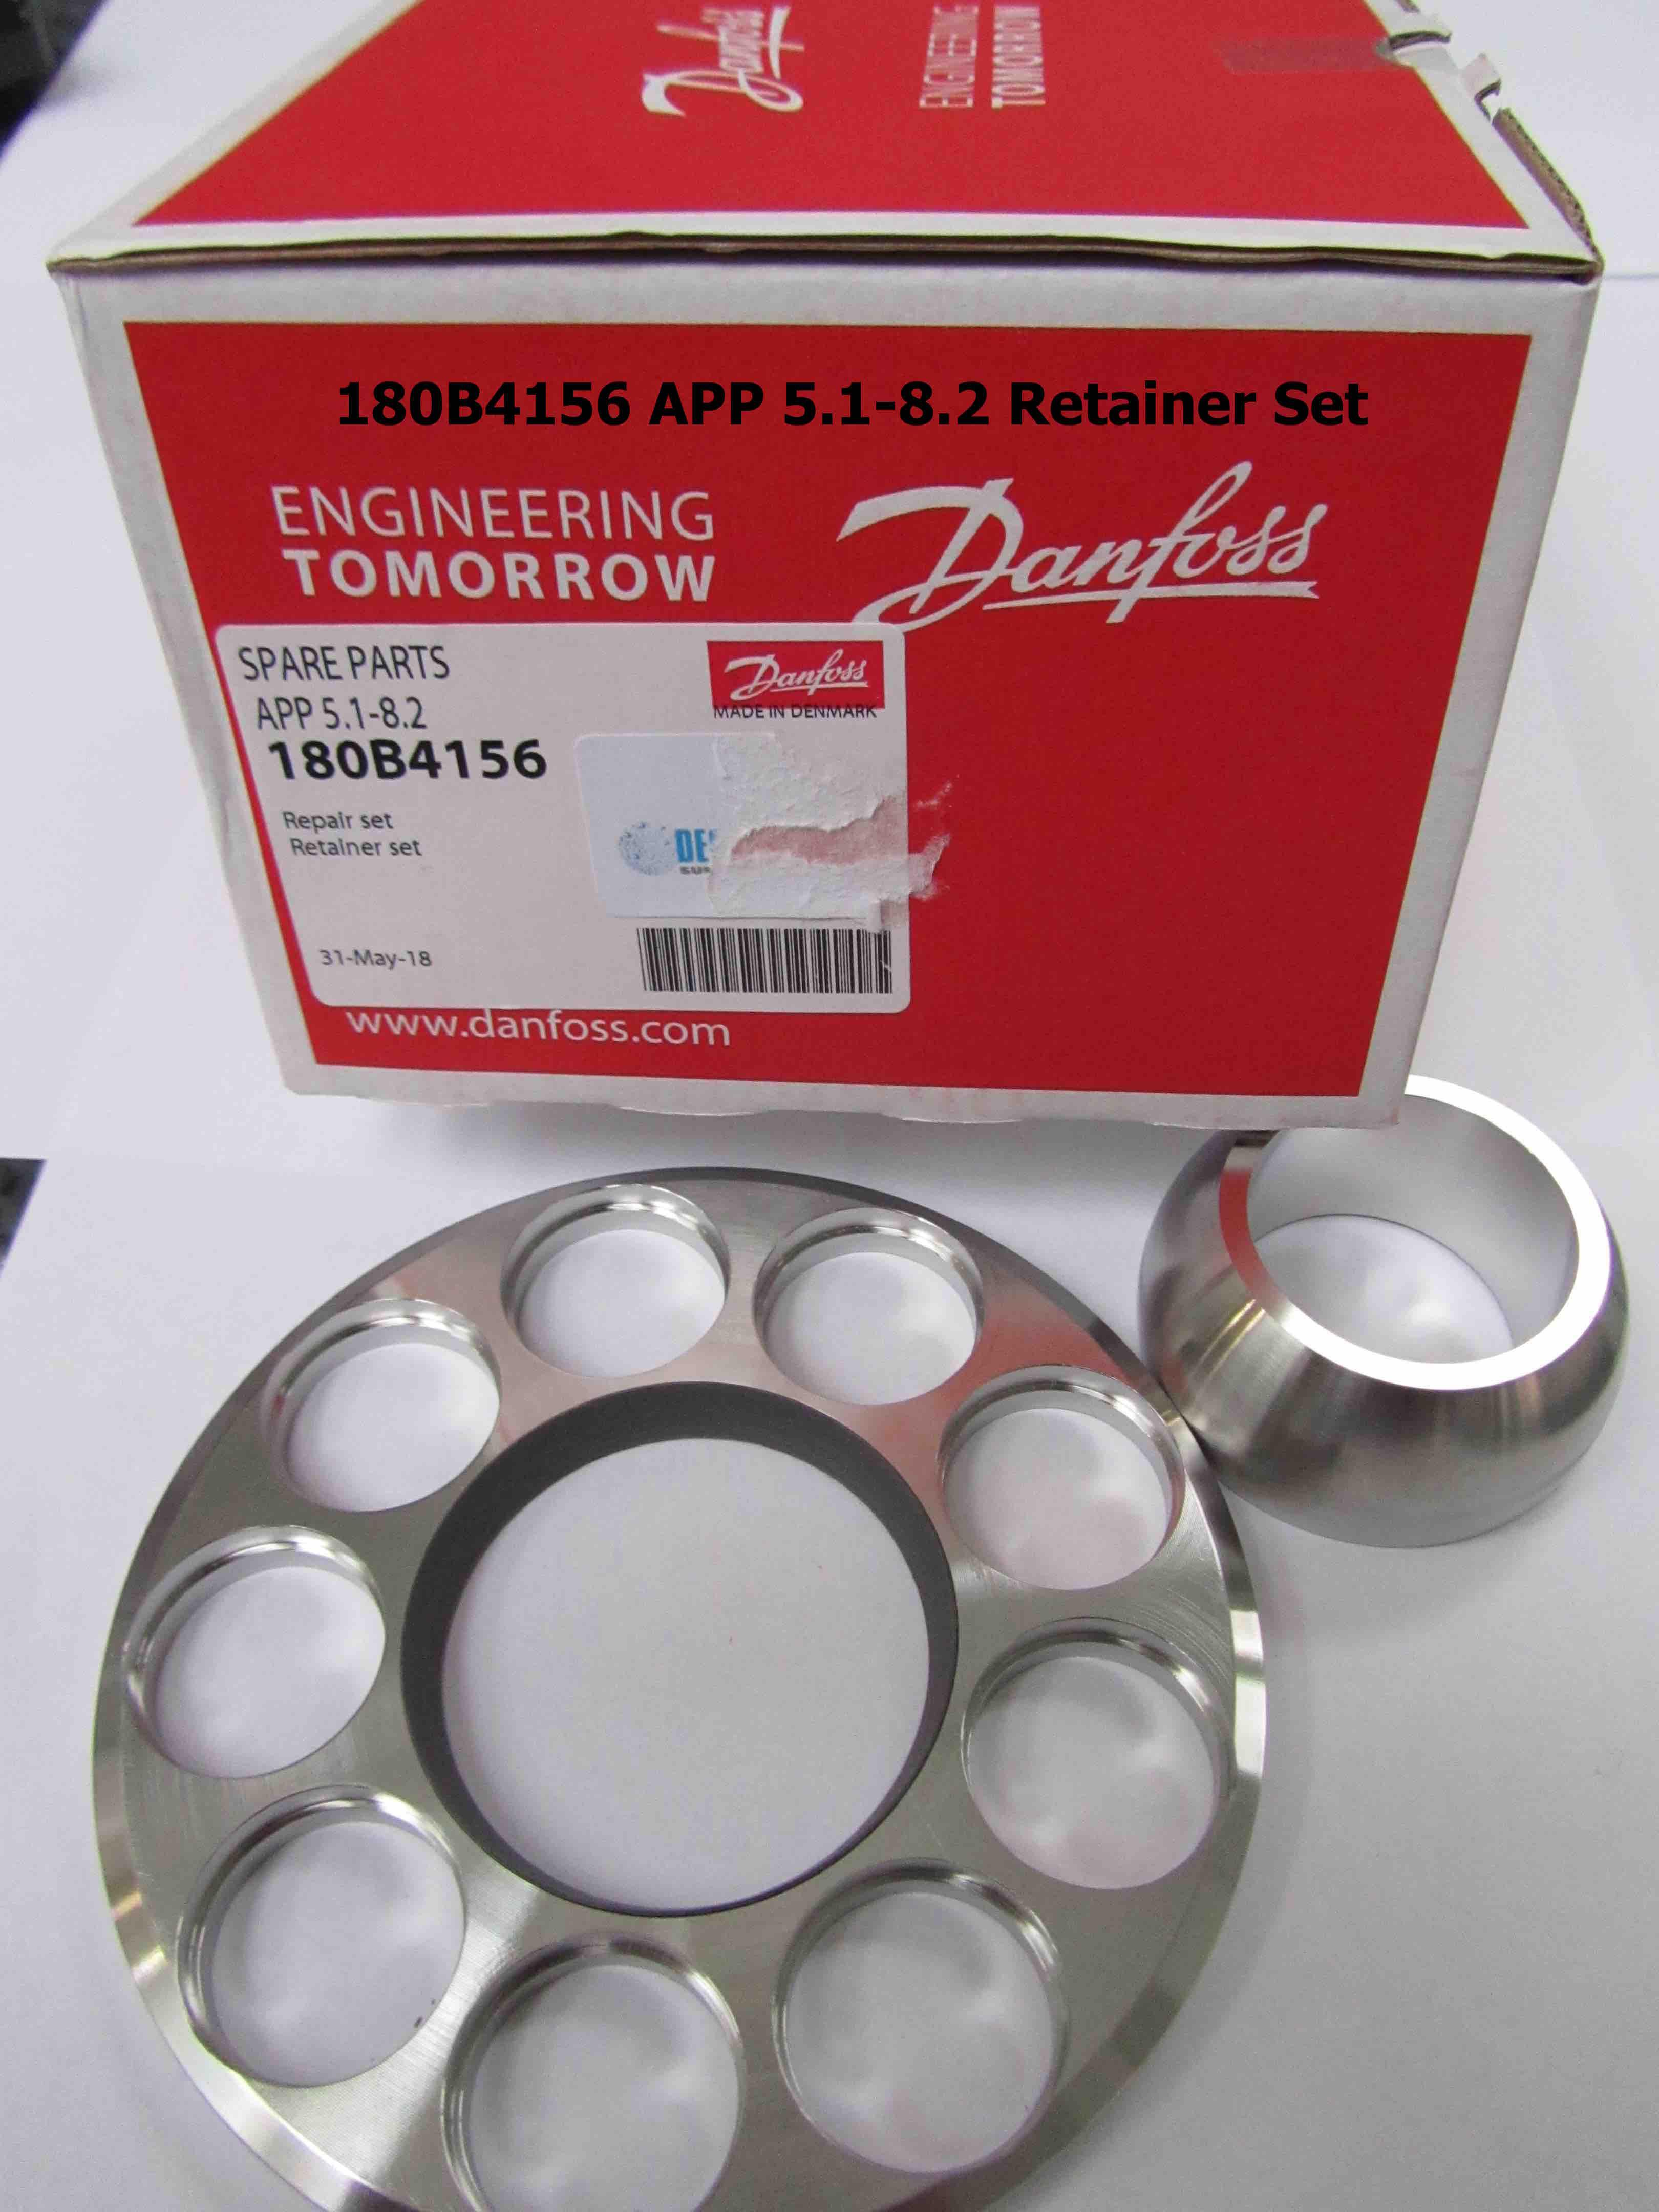 180B4156 APP 5.1-8.2 Retainer Set